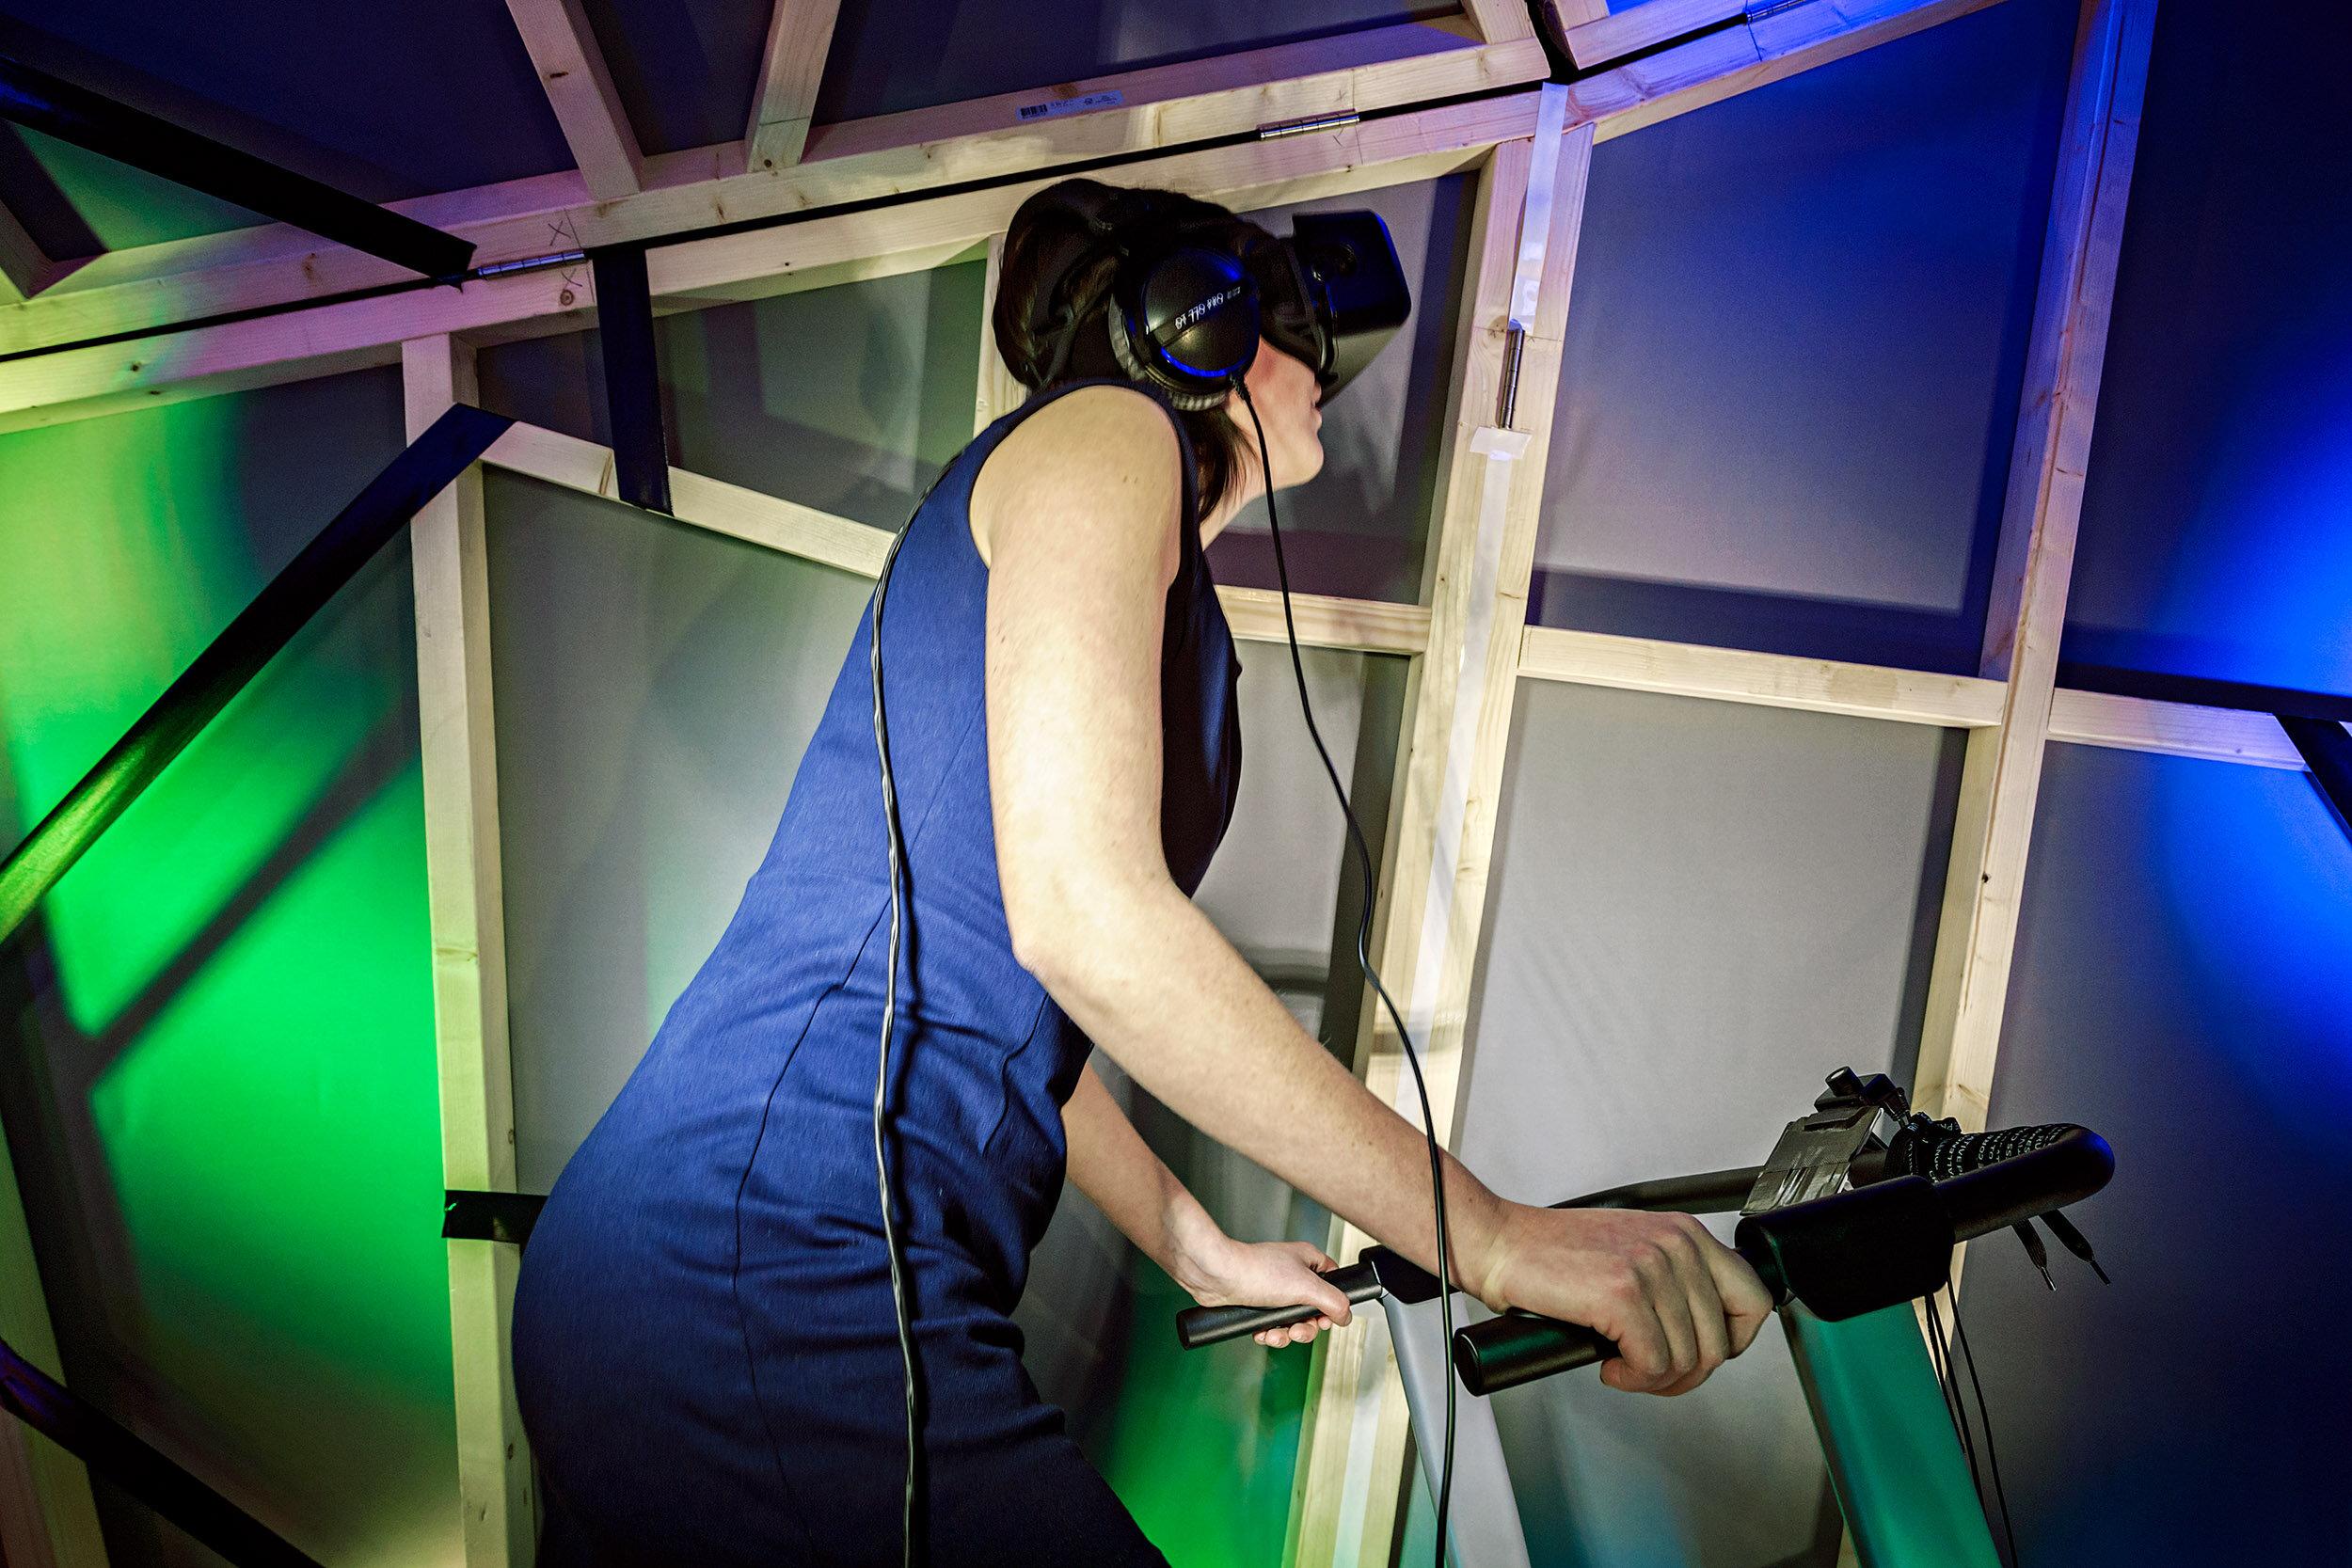 oculusrift-treadmill-cpc.jpg